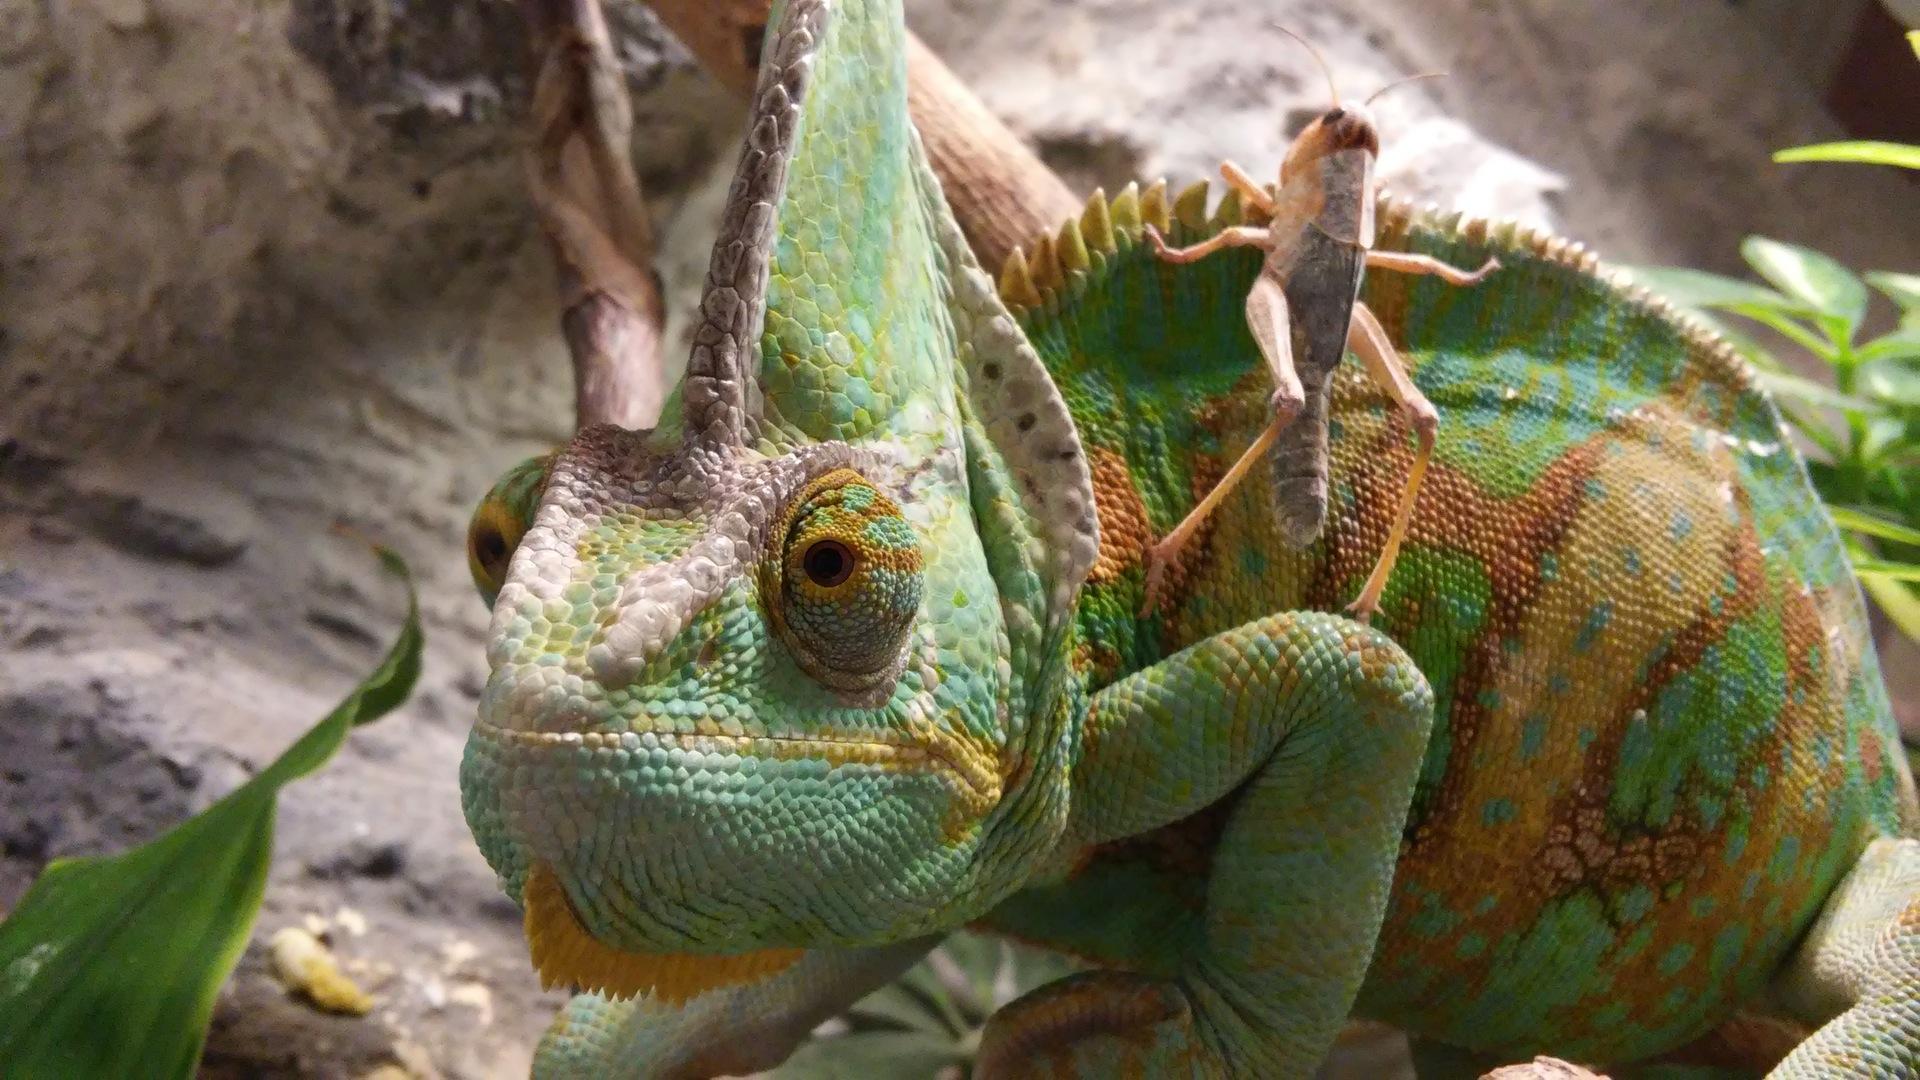 Χαμαιλέοντας, Ακρίδα, σφάλματα, ερπετά, άγρια ζωή, Πράσινο - οθόνη HD wallpapers - Professor-falken.com